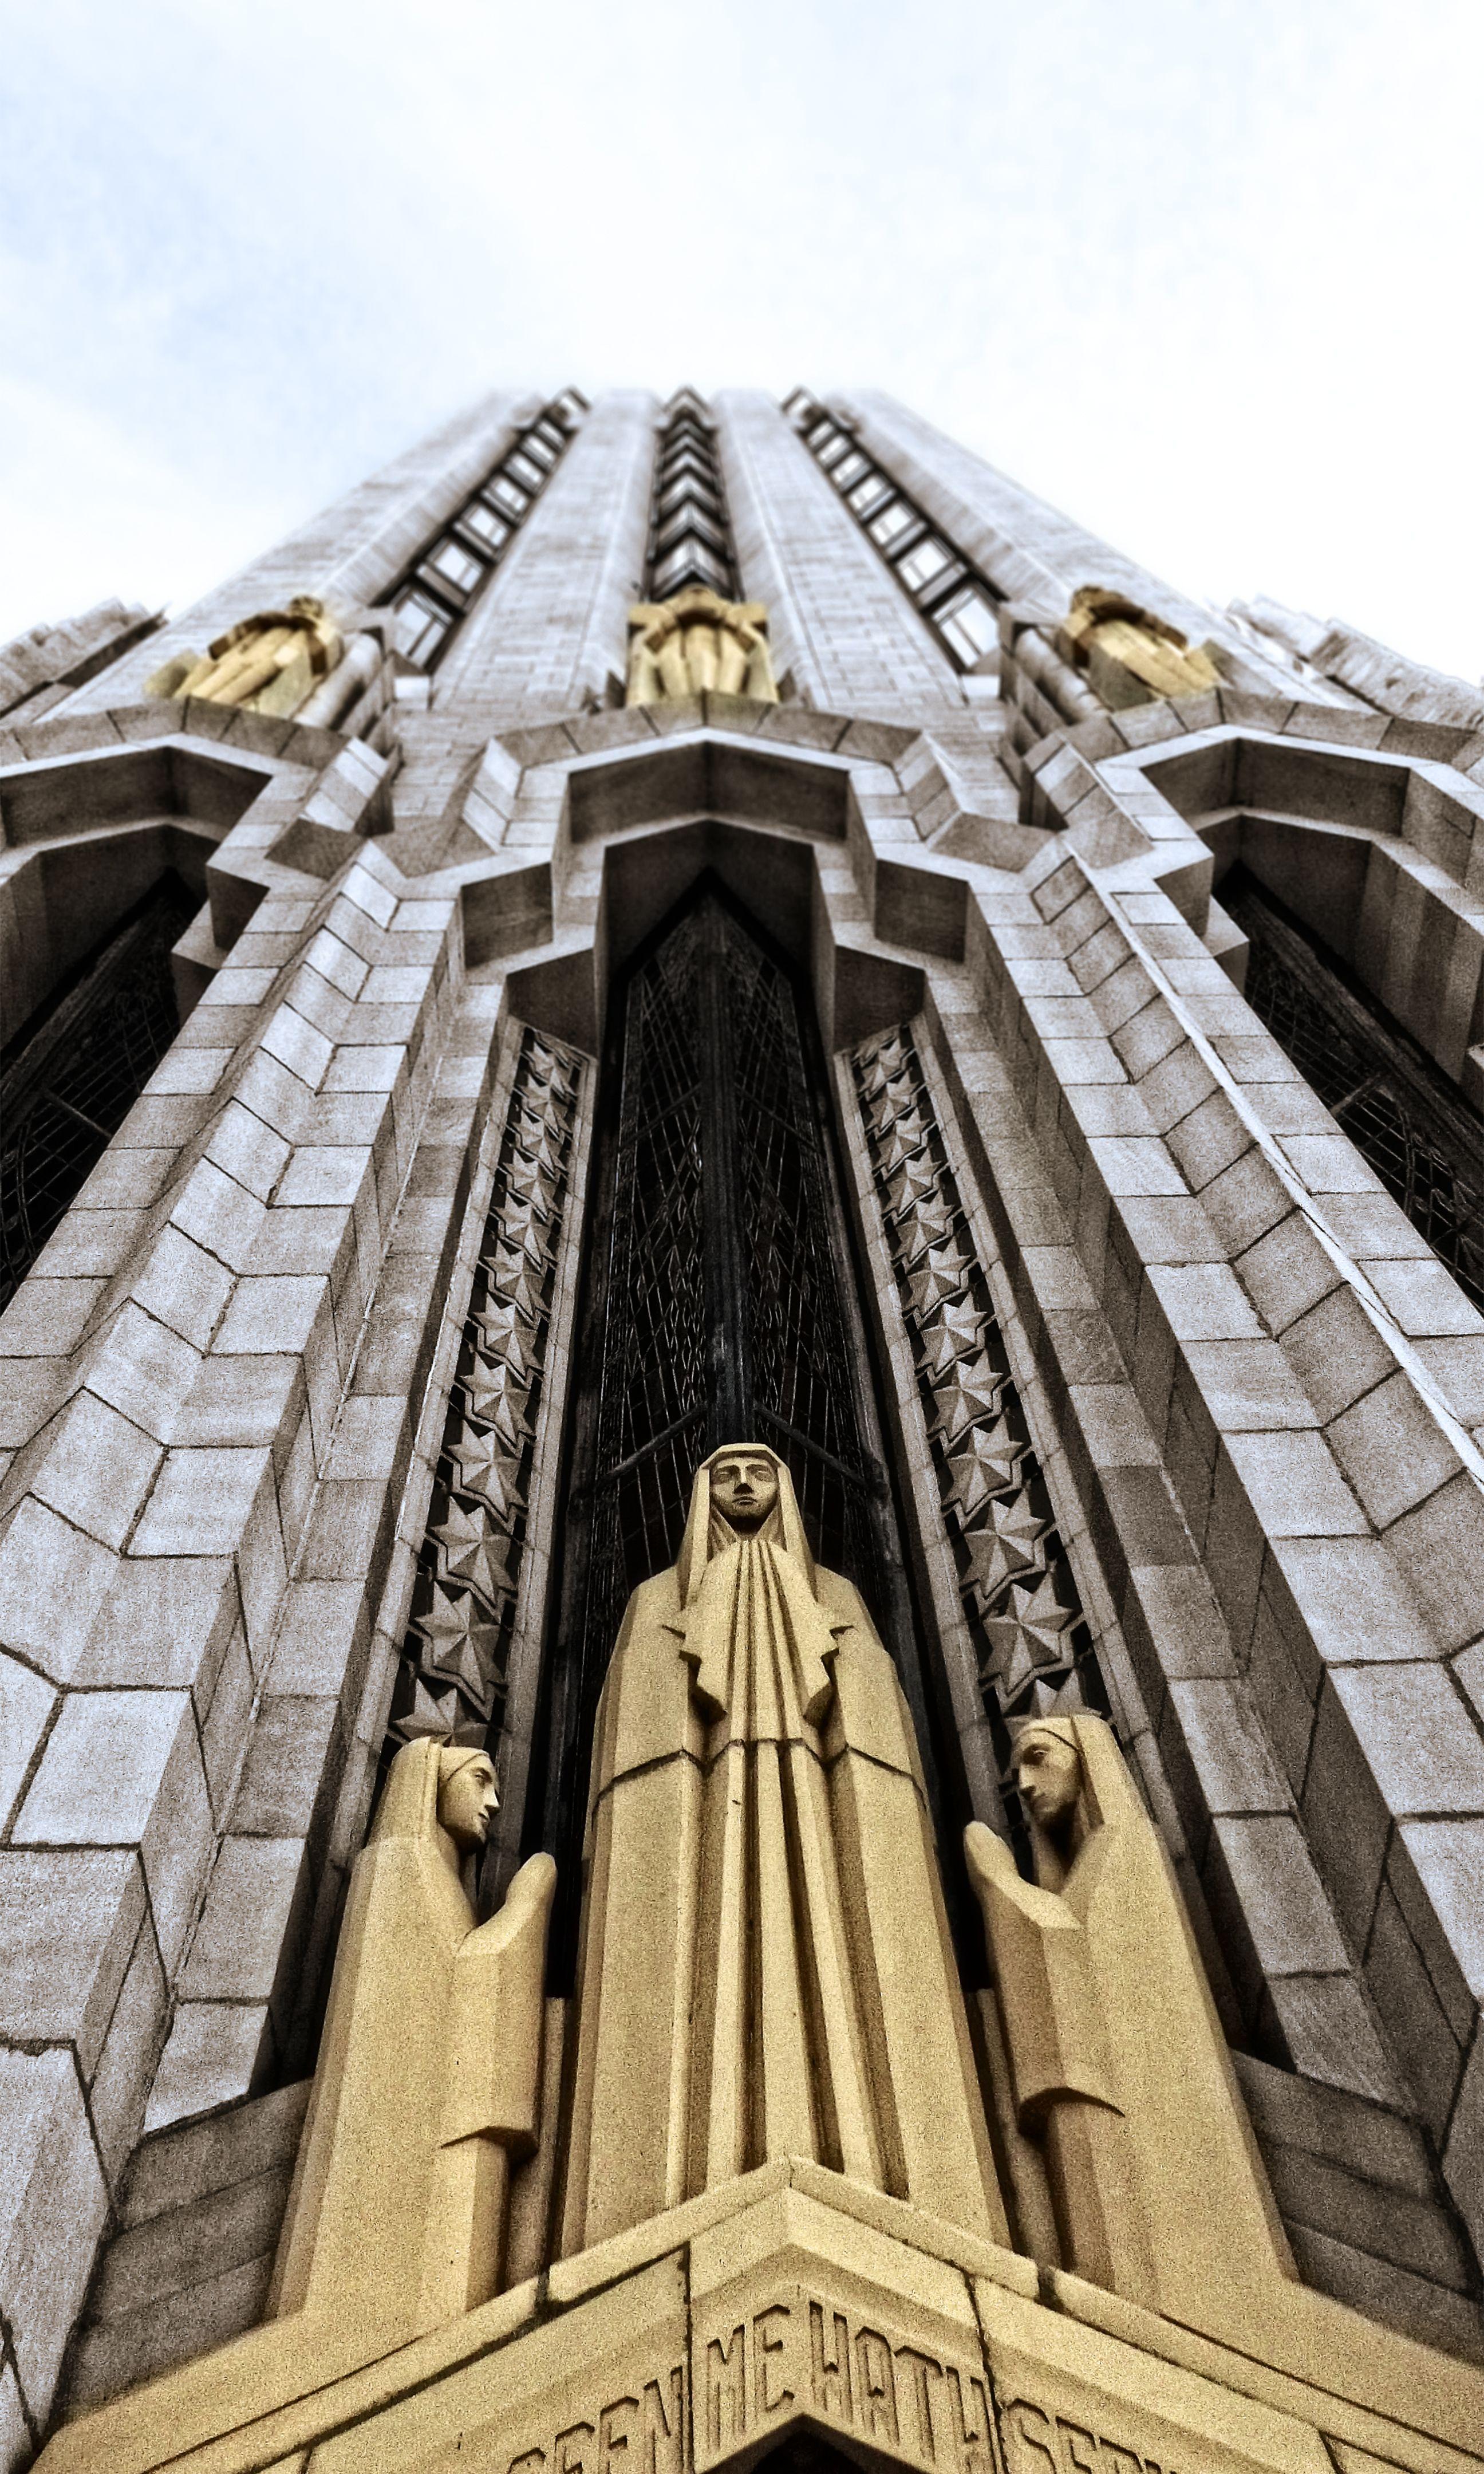 Boston avenue united methodist church in tulsa oklahoma for Architecture art deco